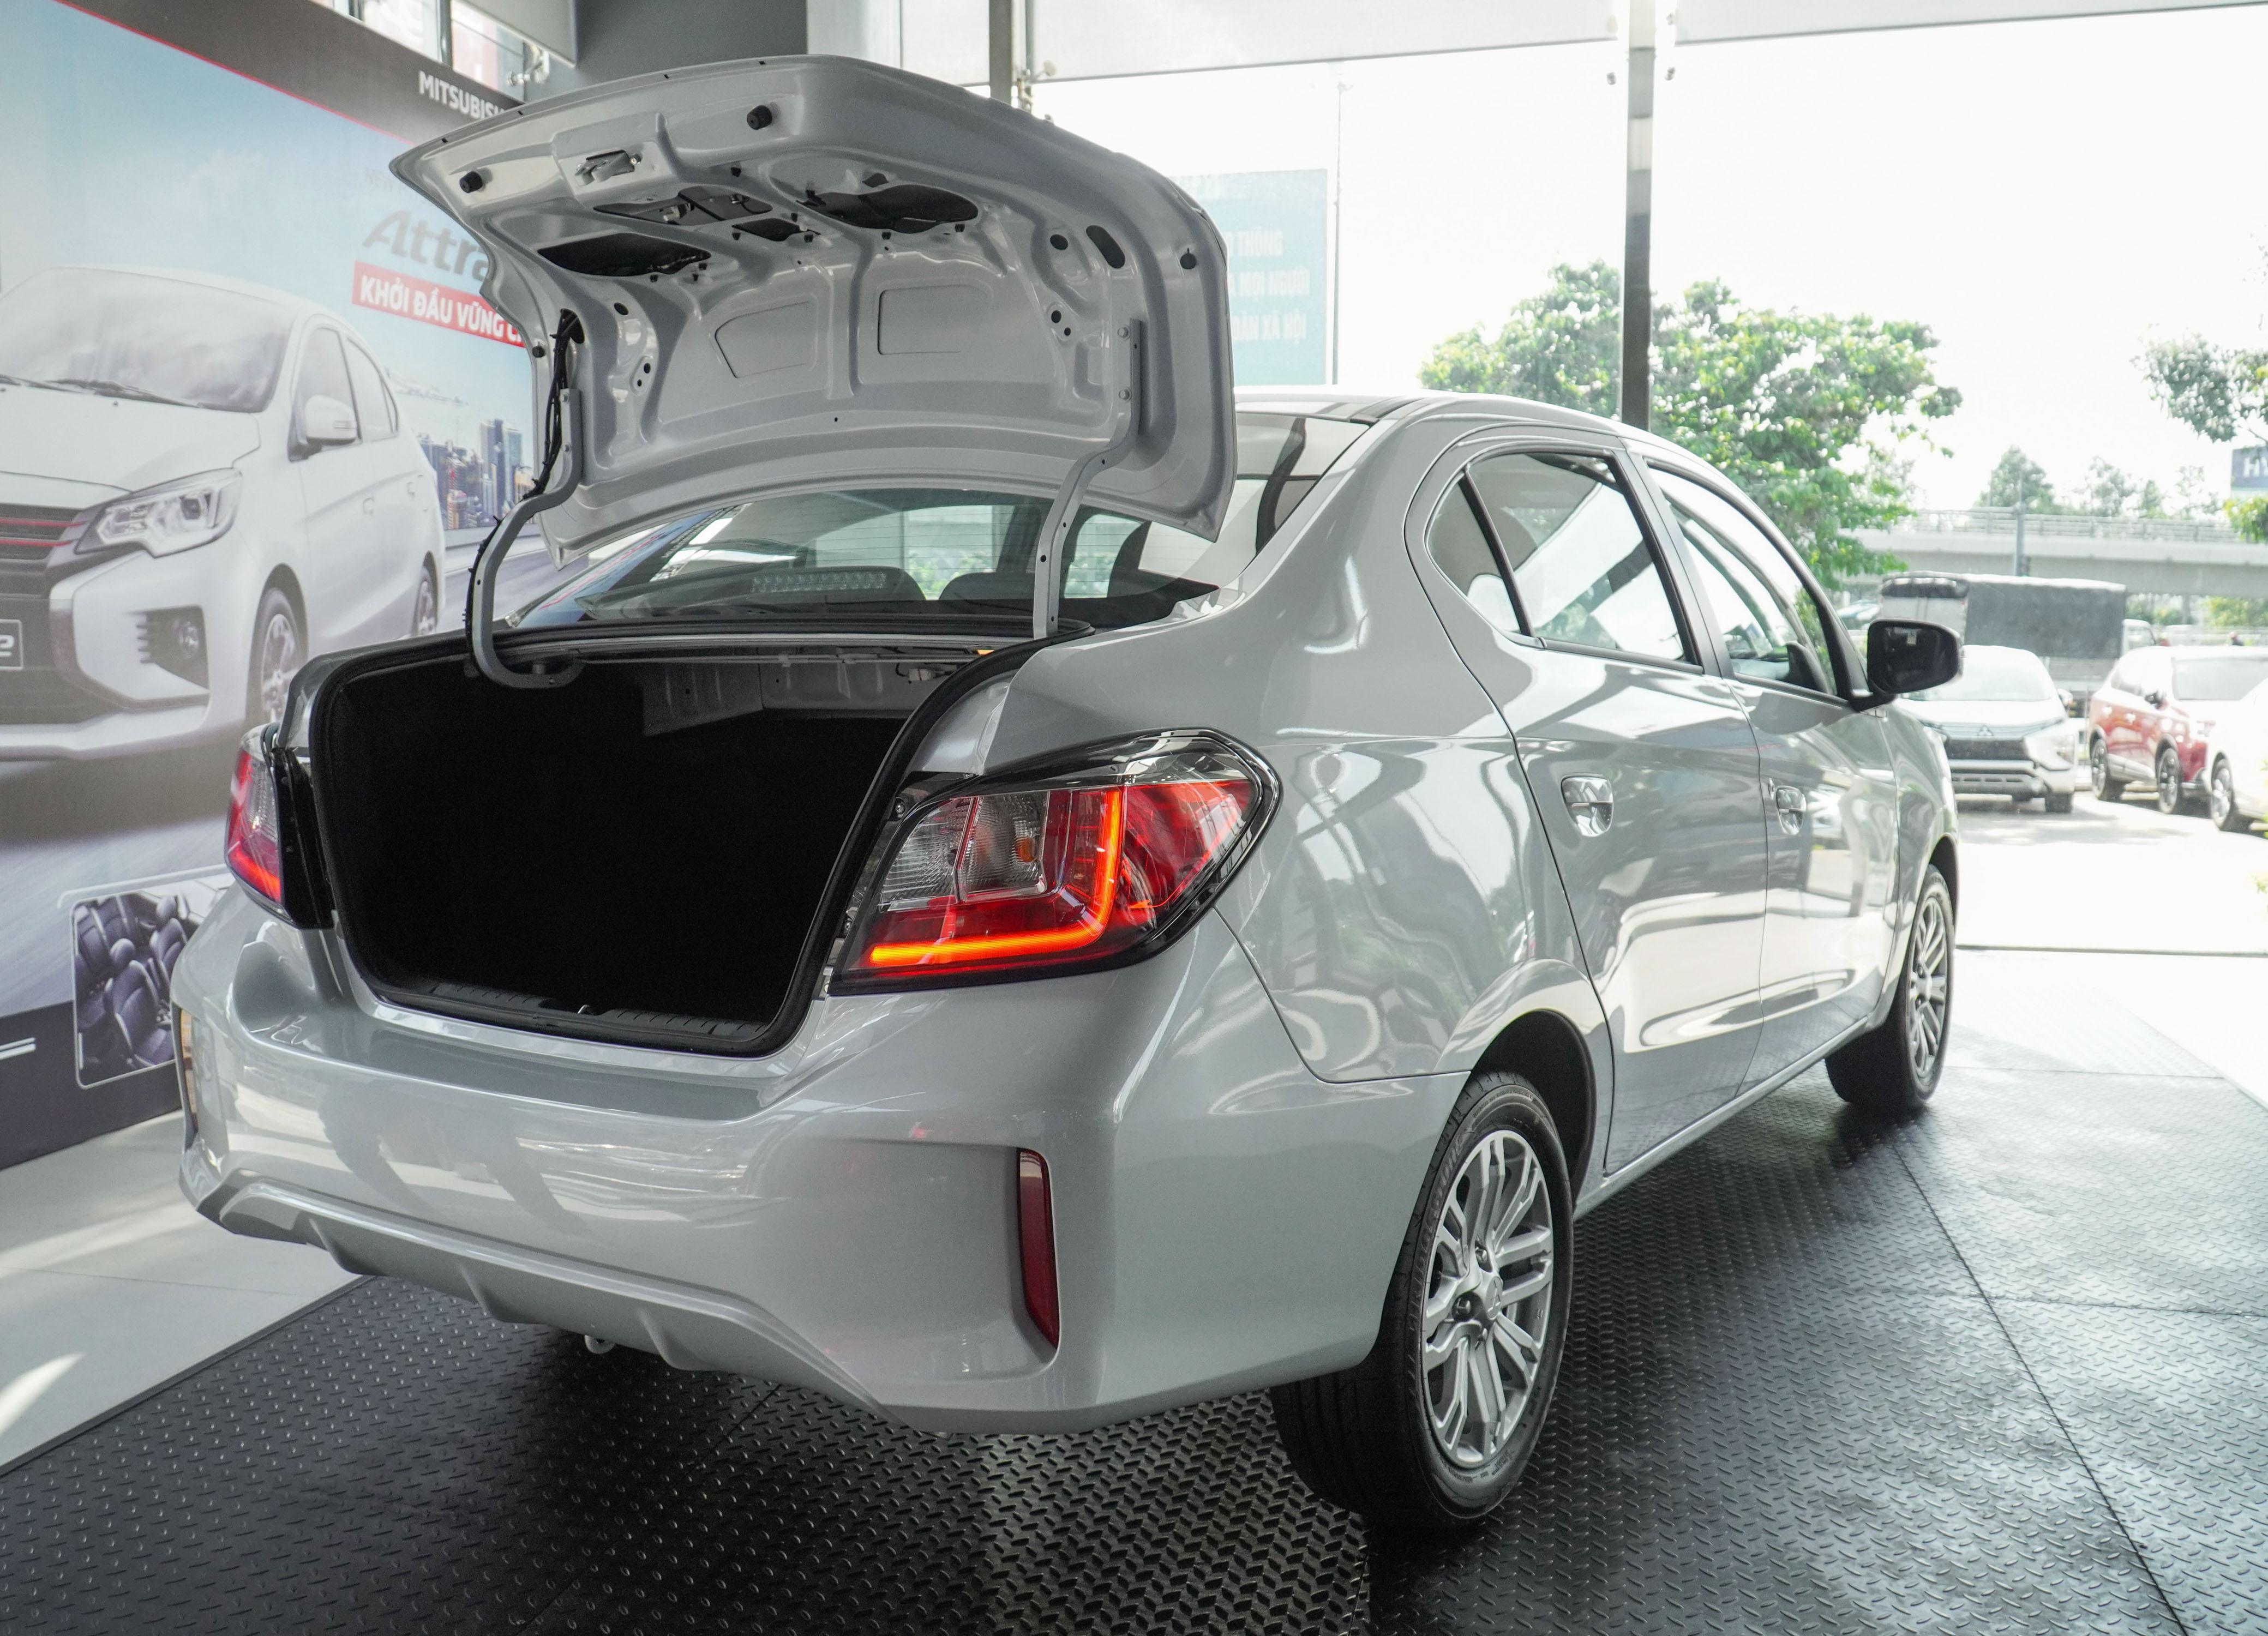 Mitsubishi Attrage CVT Premium 2021 ra mắt, giá 485 triệu đồng attrage-2020-trang-ngoai-that-8.jpg